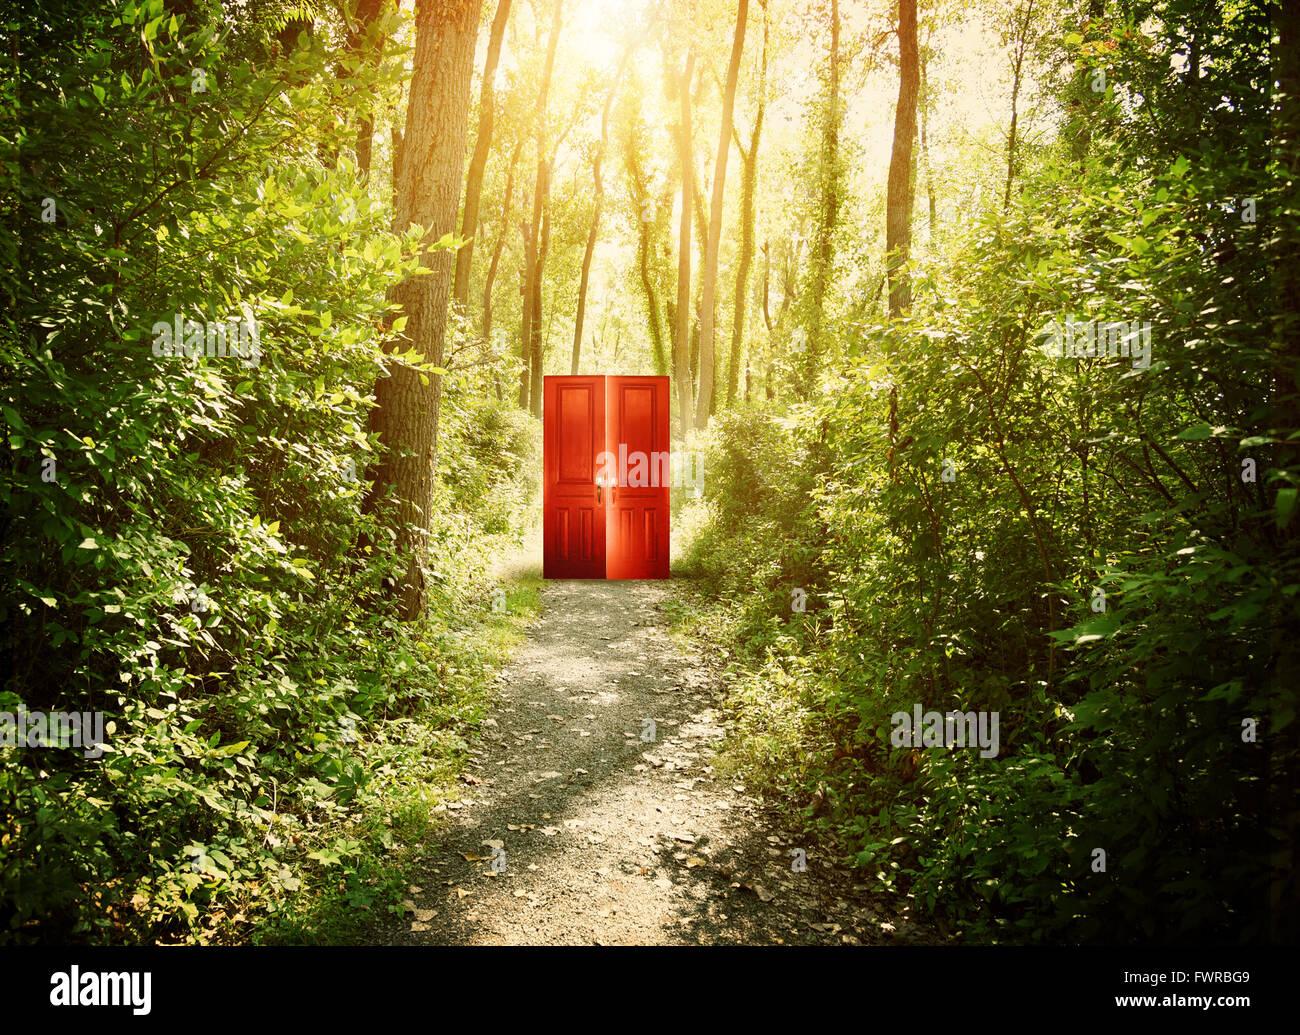 Eine rote Tür ist auf einem Trail im Wald mit Bäumen für eine konzeptionelle Konzept über glauben, Stockbild